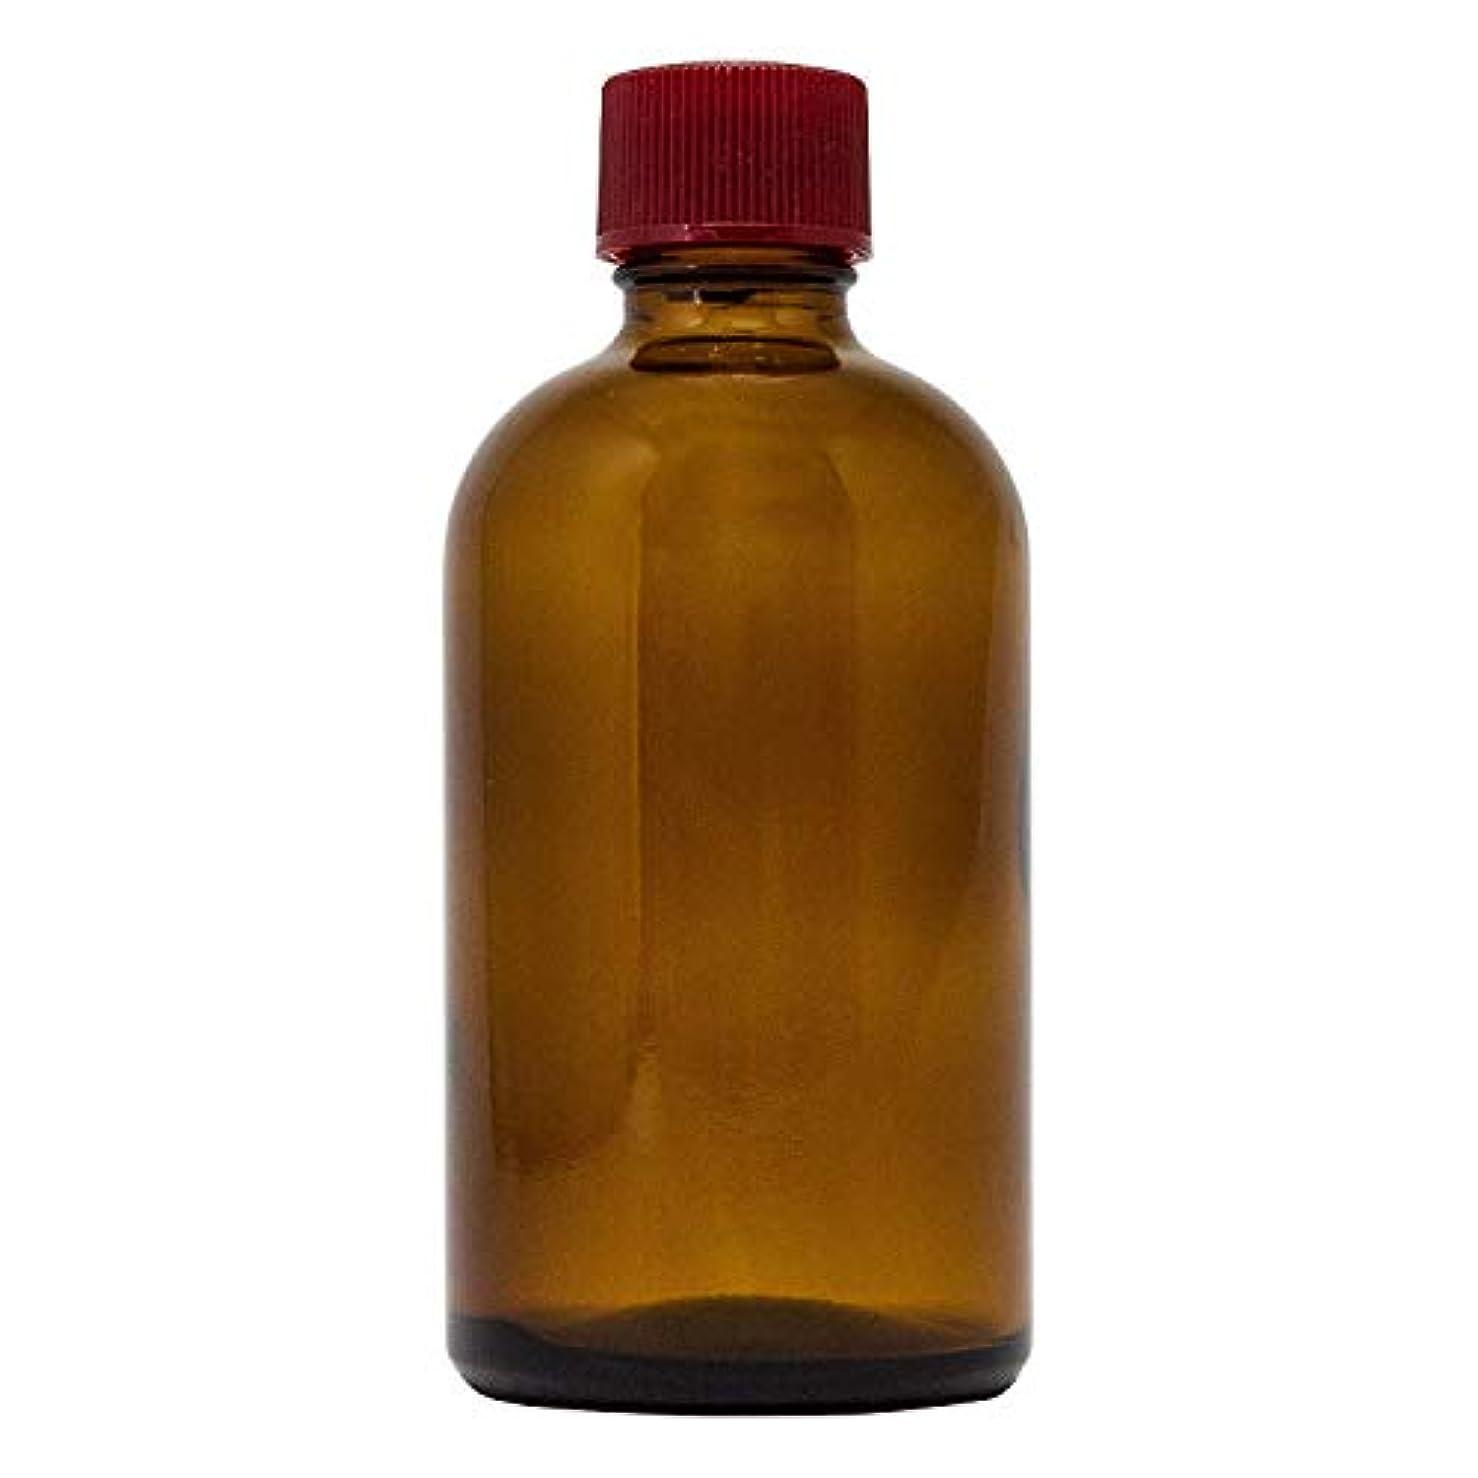 記念日ミルクミシン細口ガラス瓶 120ml *穴あき中栓